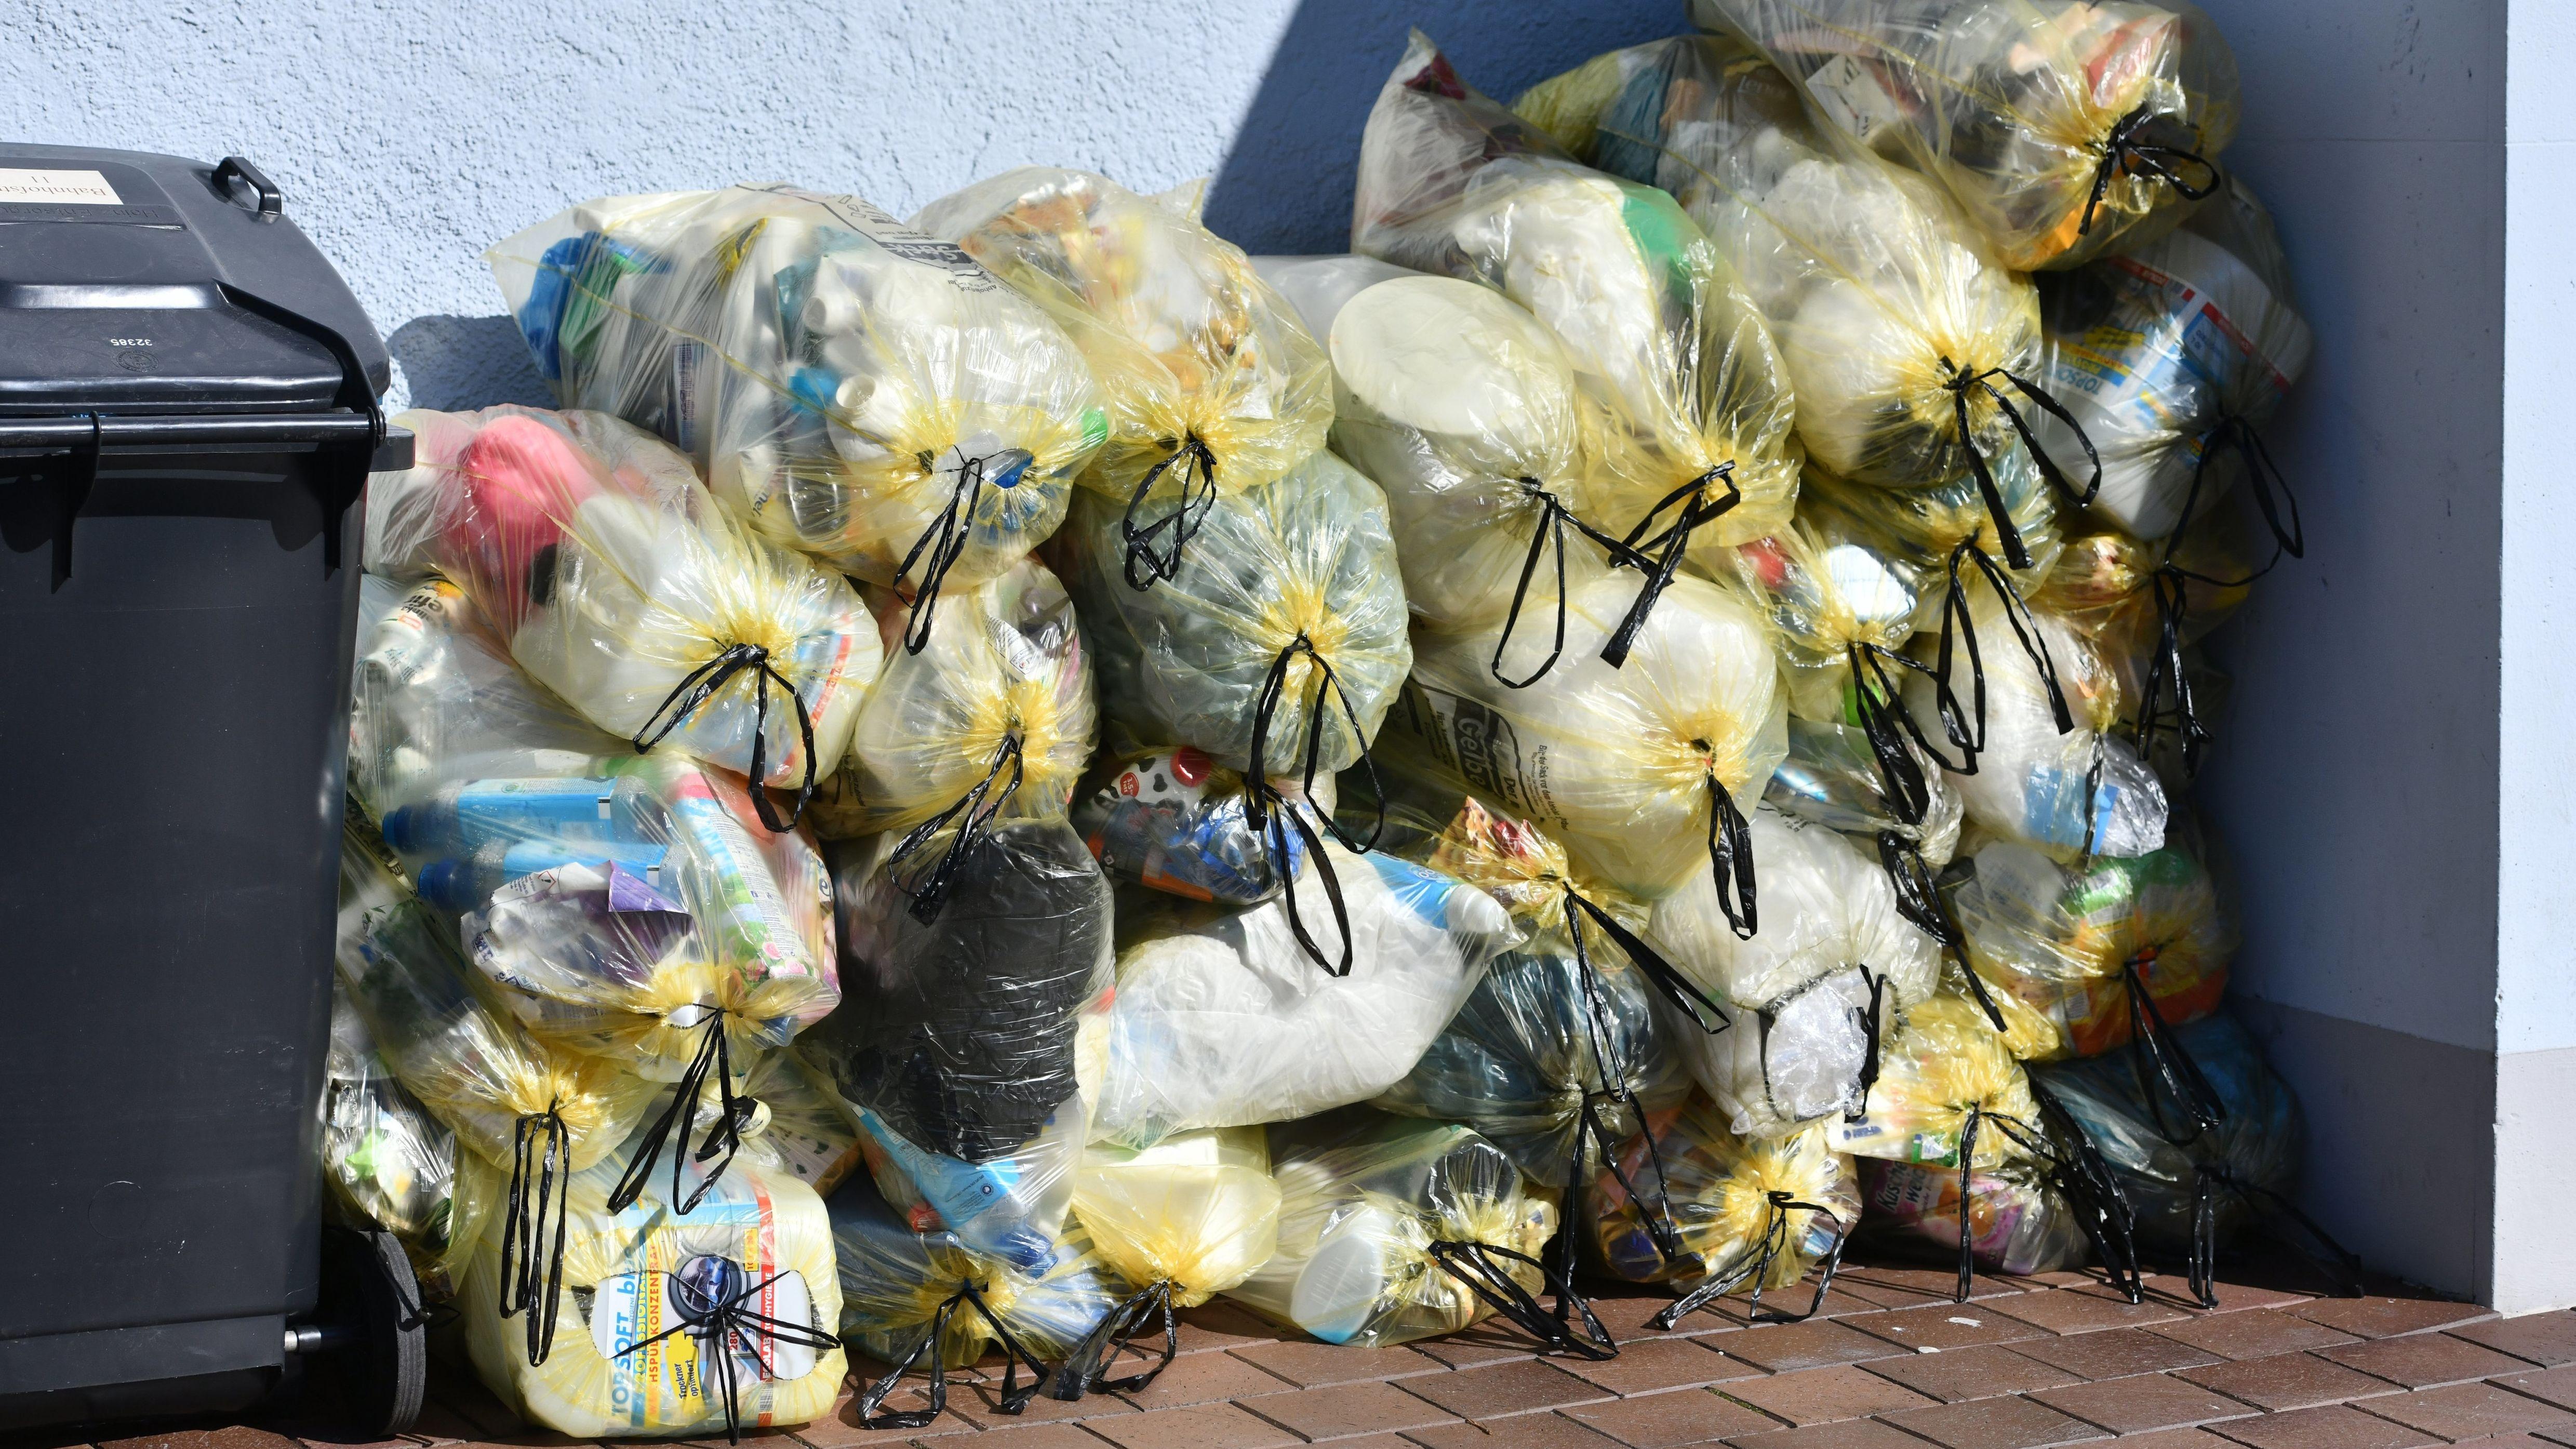 Gelbe Säcke mit Kunststoff-Abfällen stapeln sich am Straßenrand, aufgenommen am 20. März 2019 in Freising